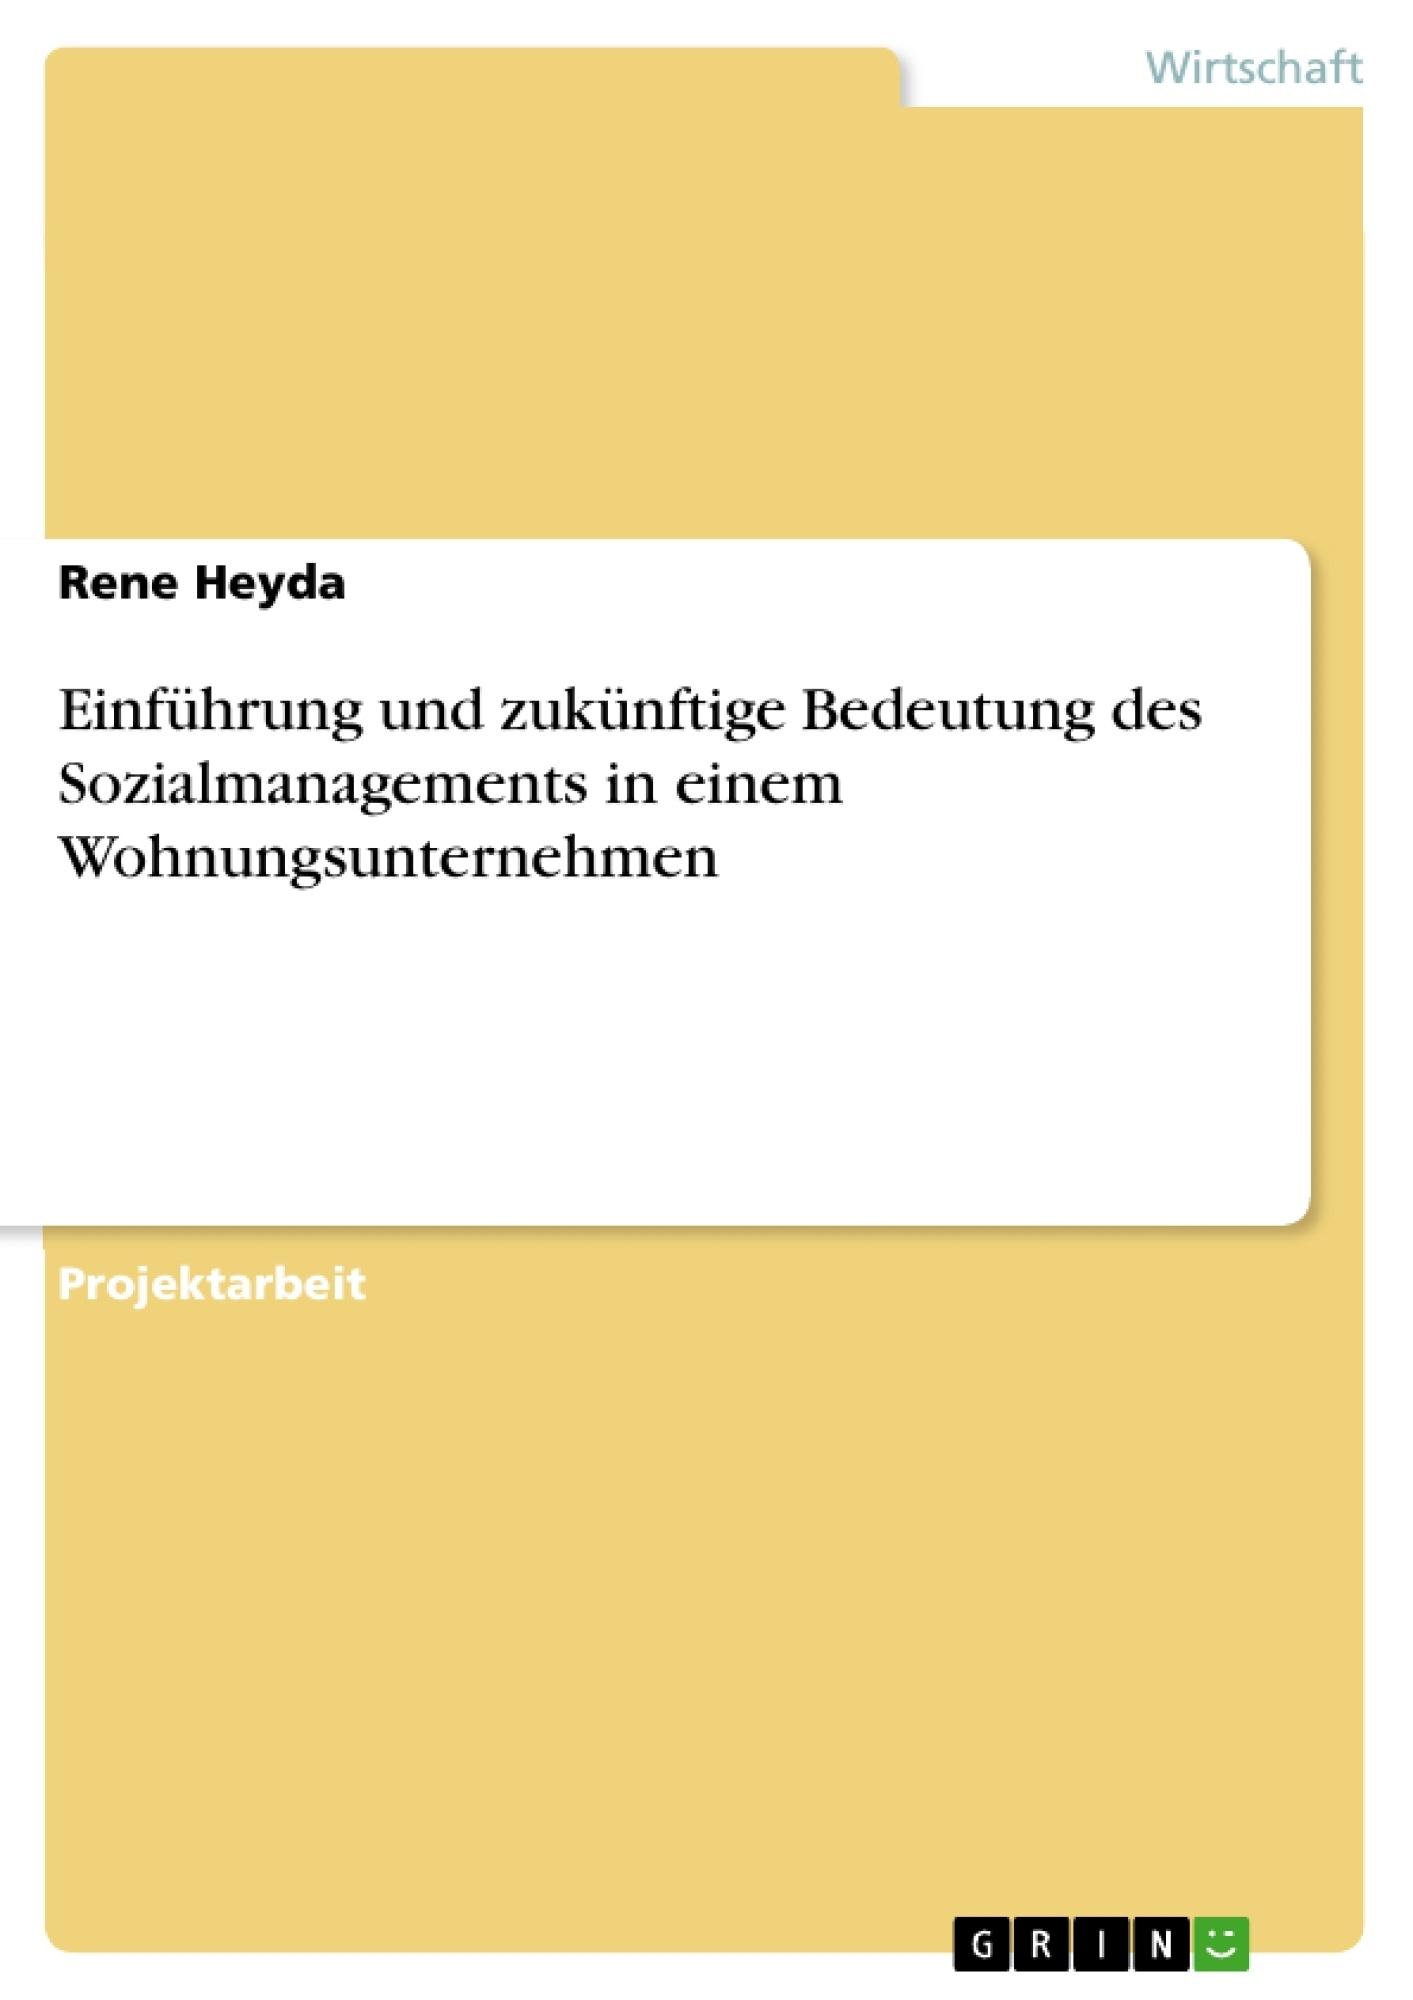 Titel: Einführung und zukünftige Bedeutung des Sozialmanagements in einem Wohnungsunternehmen